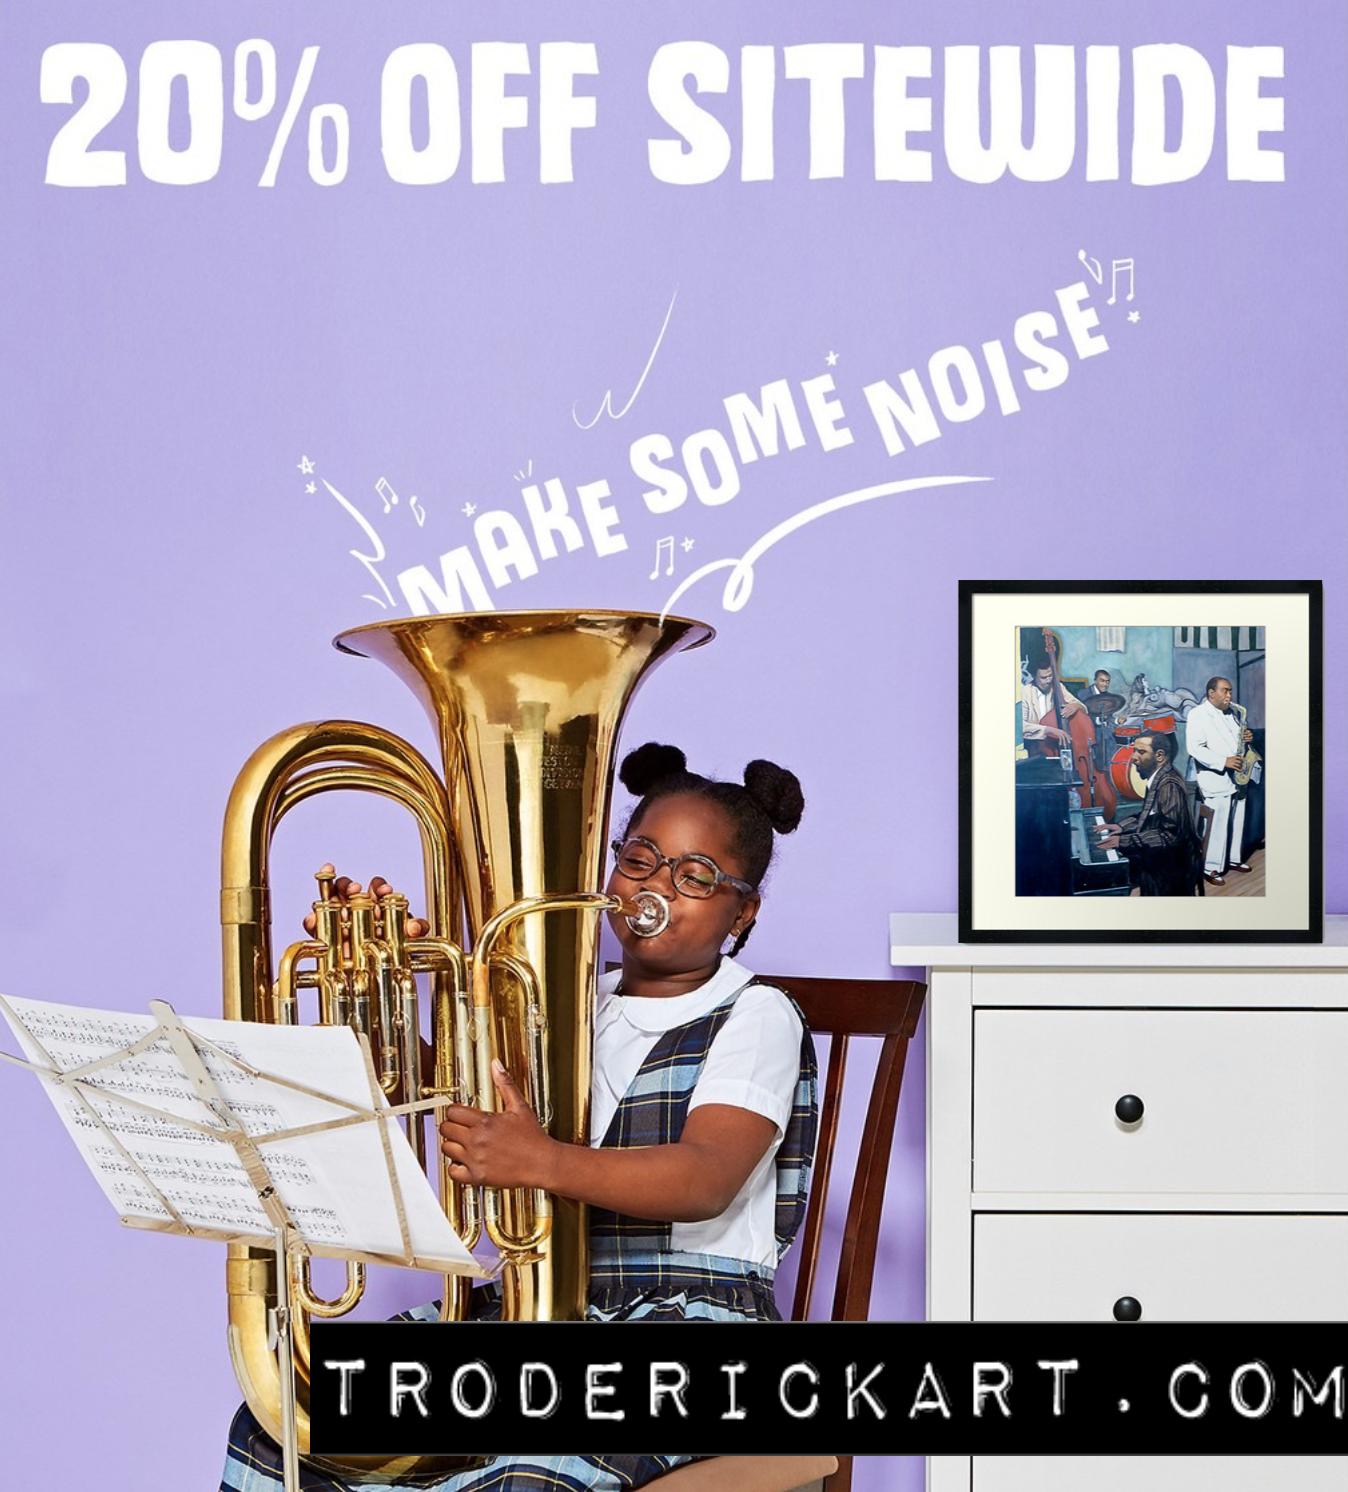 20% off Troderickart.com promo